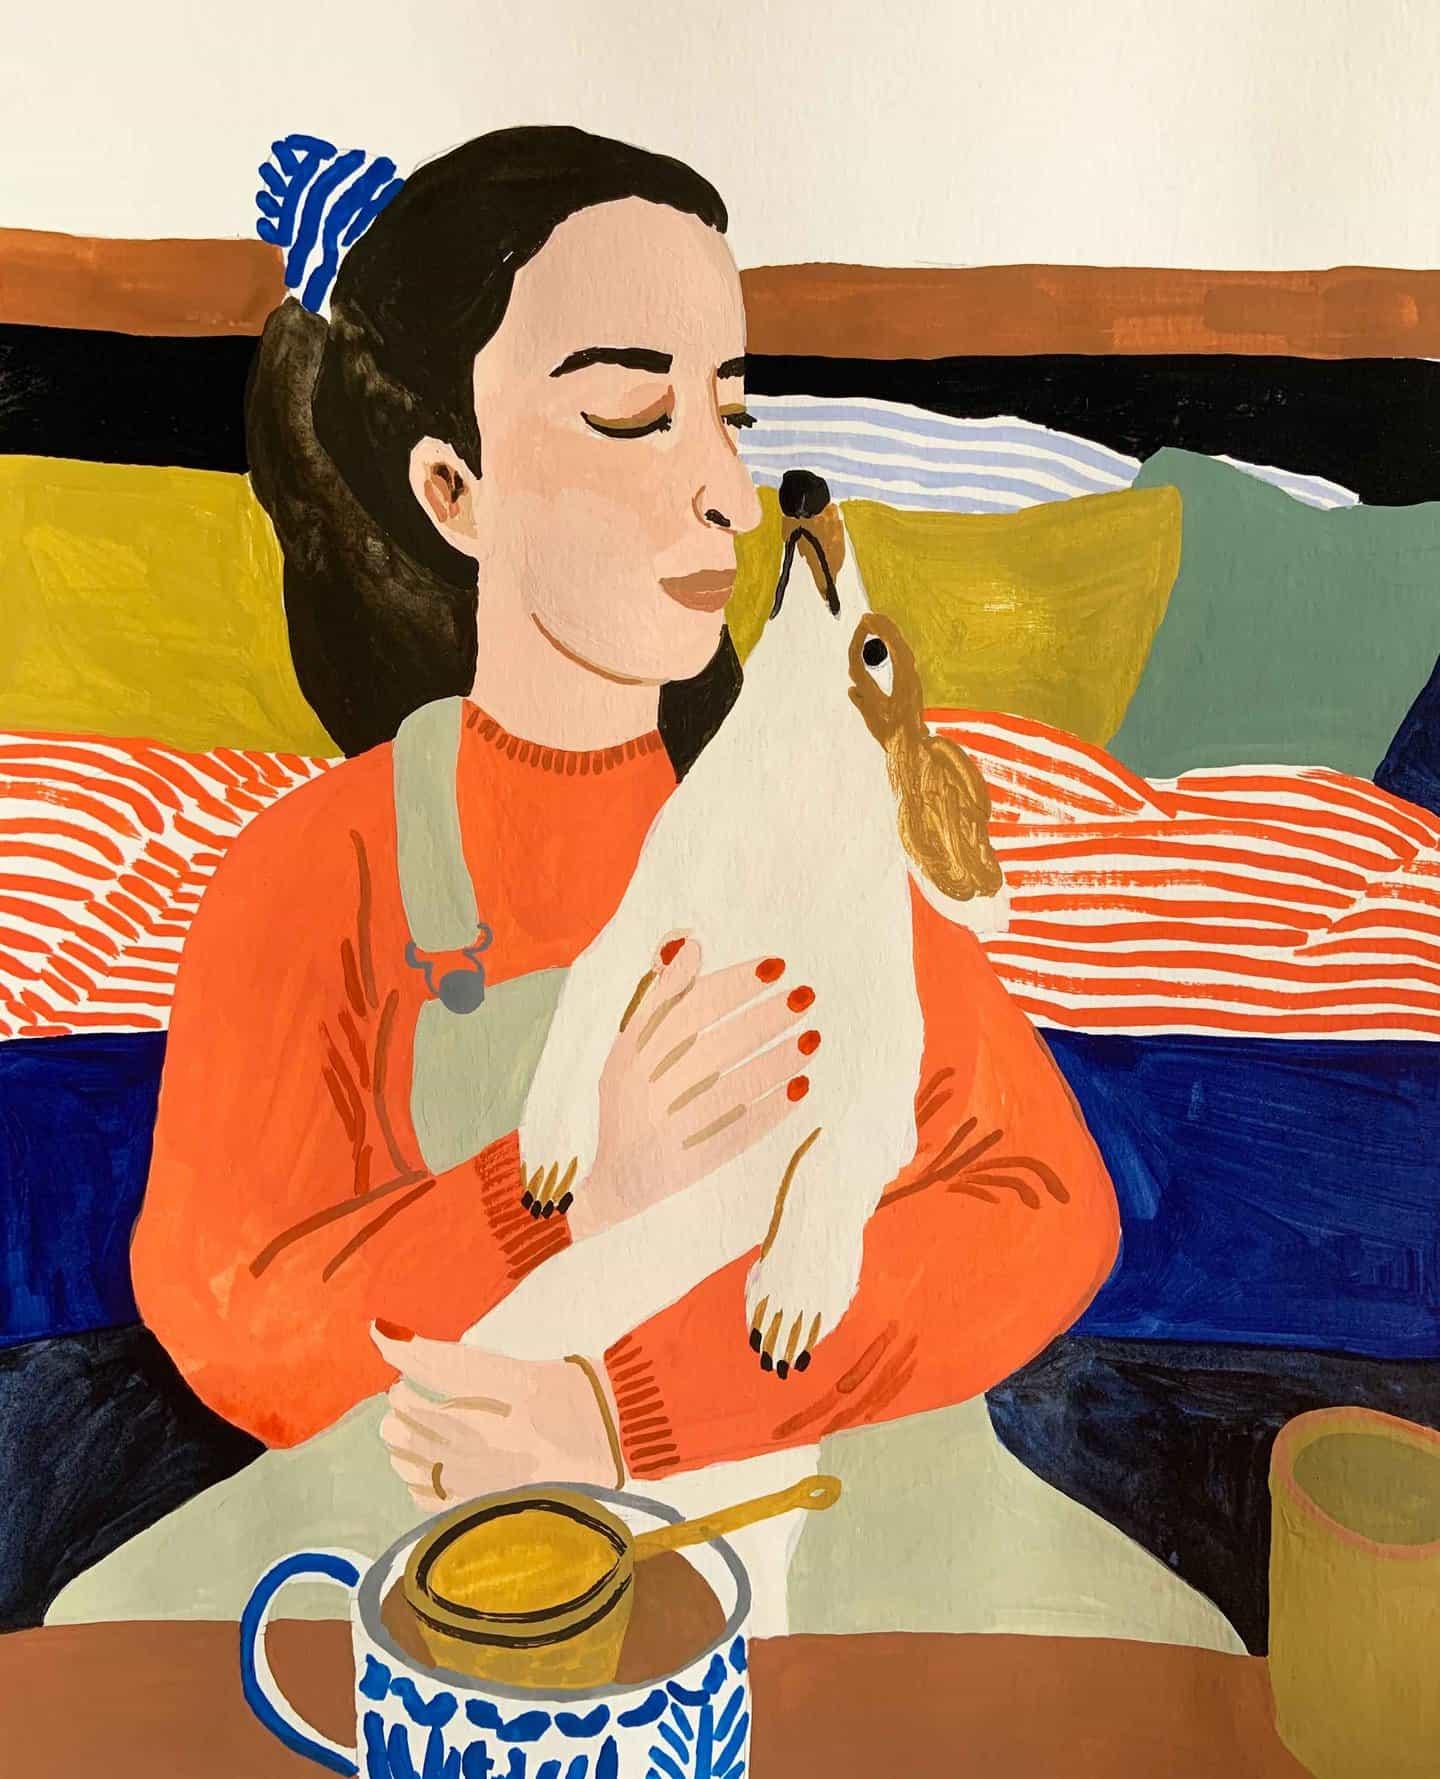 pinturas alegres de Léa Maupetit cuentan con el color, la armonía y perros salchicha